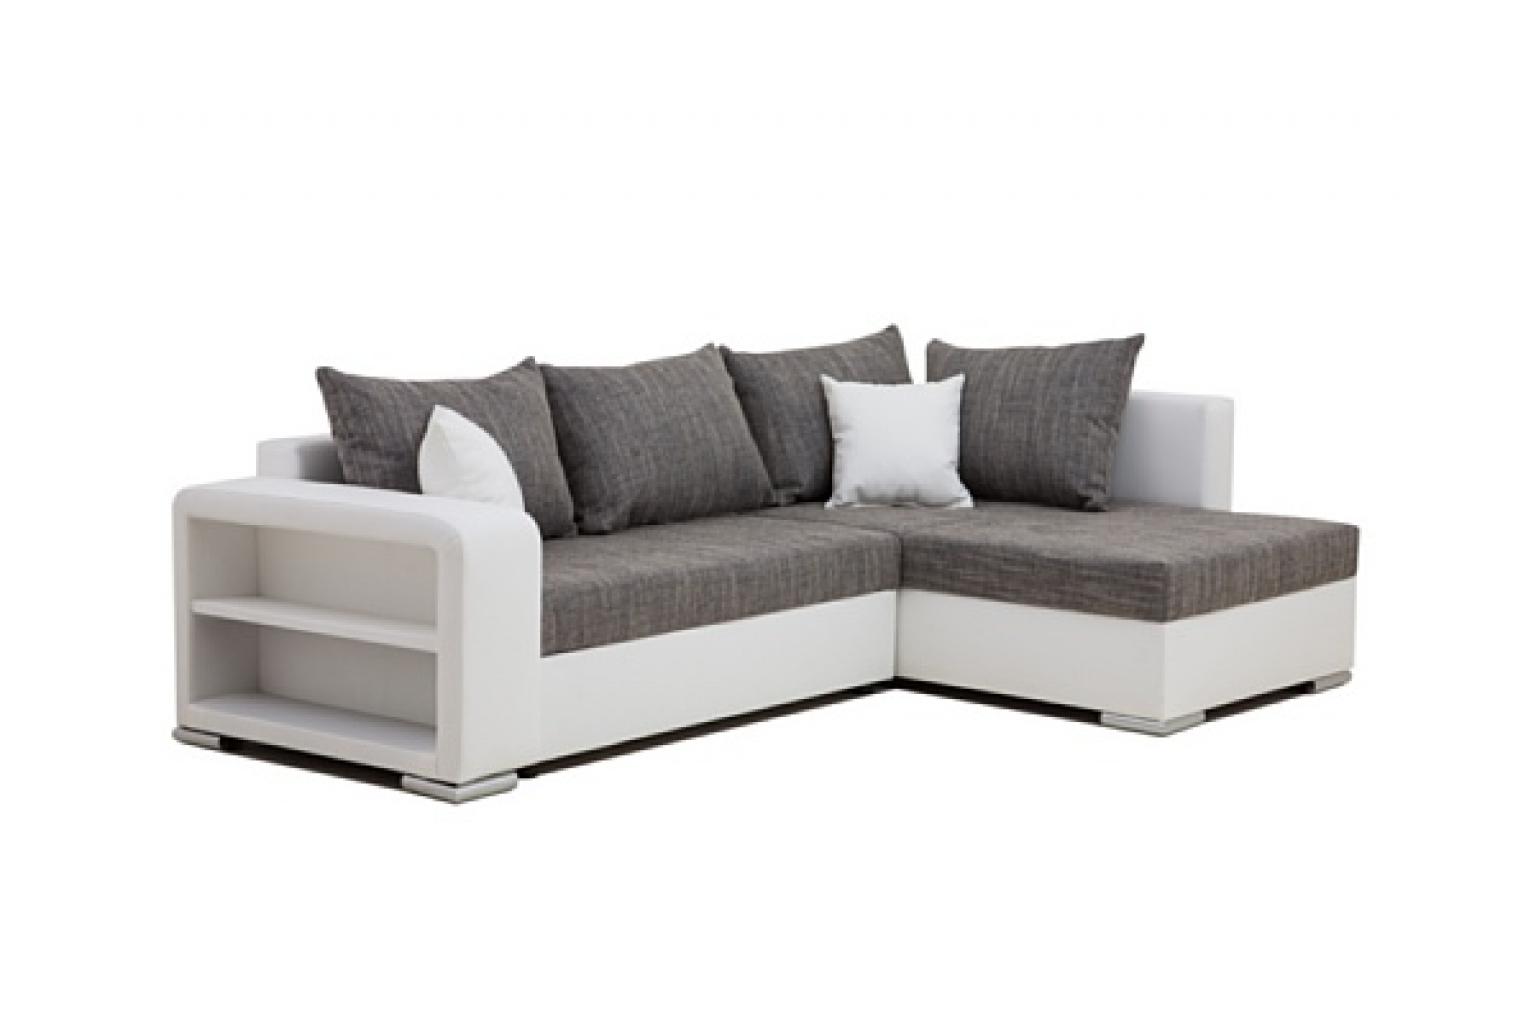 ecksofa testsieger inspirierendes design f r wohnm bel. Black Bedroom Furniture Sets. Home Design Ideas